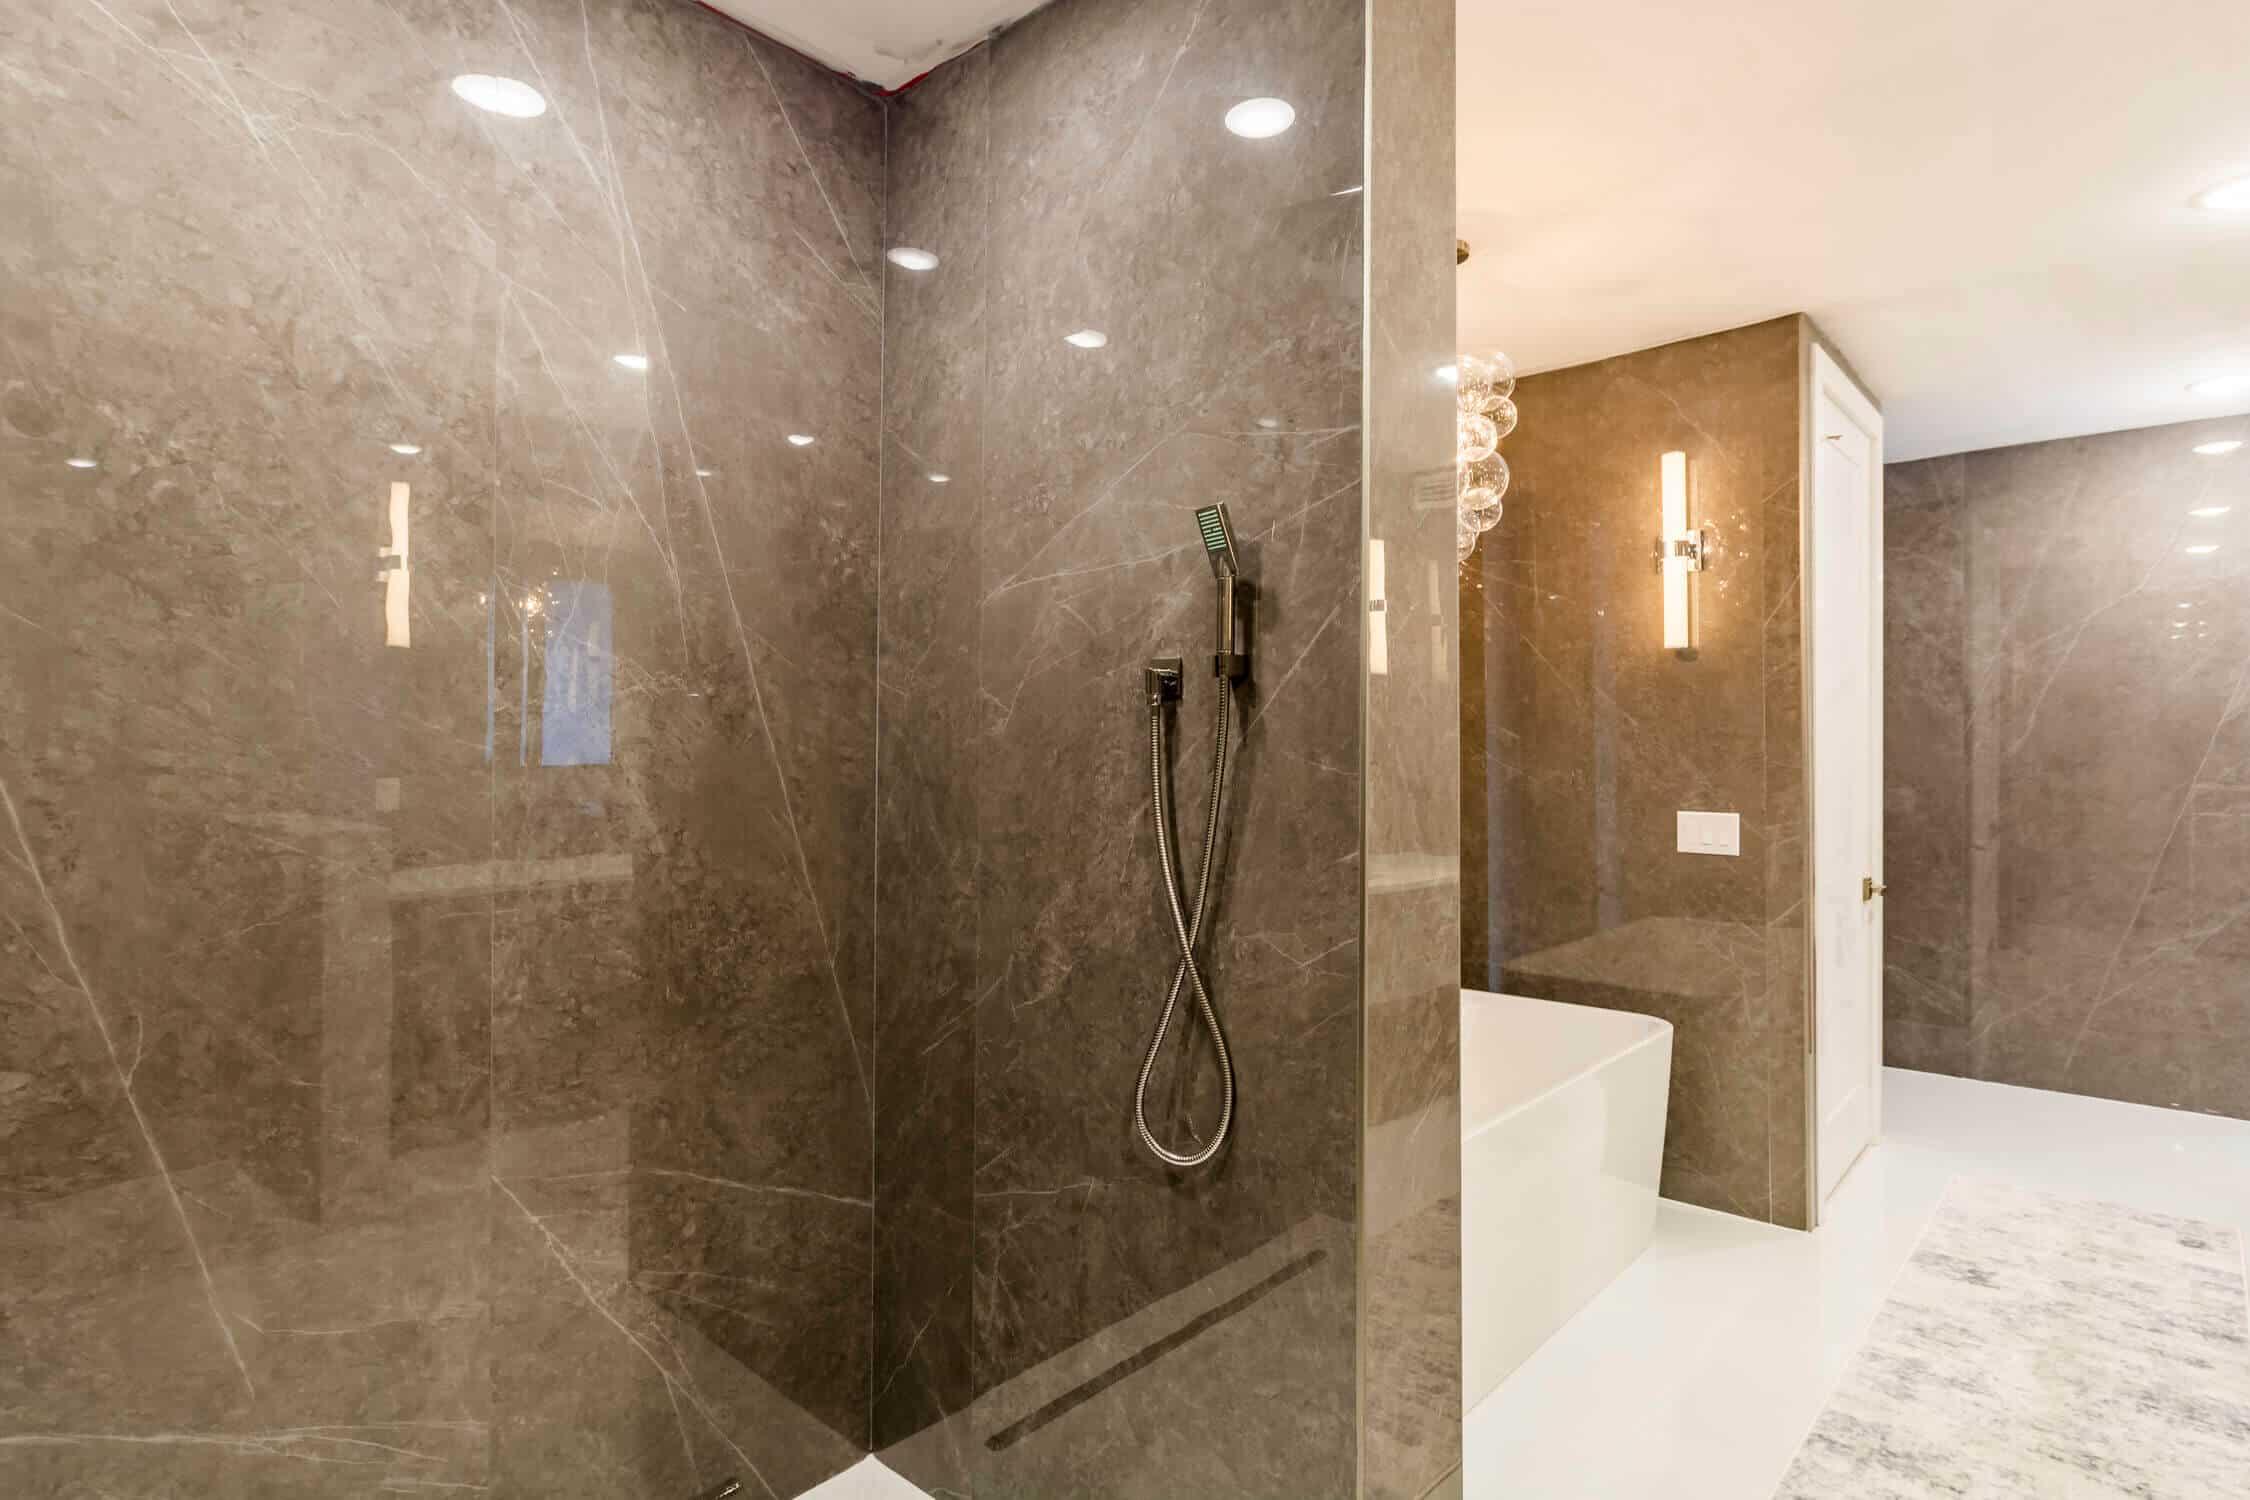 luxurious bathroom condo remodel